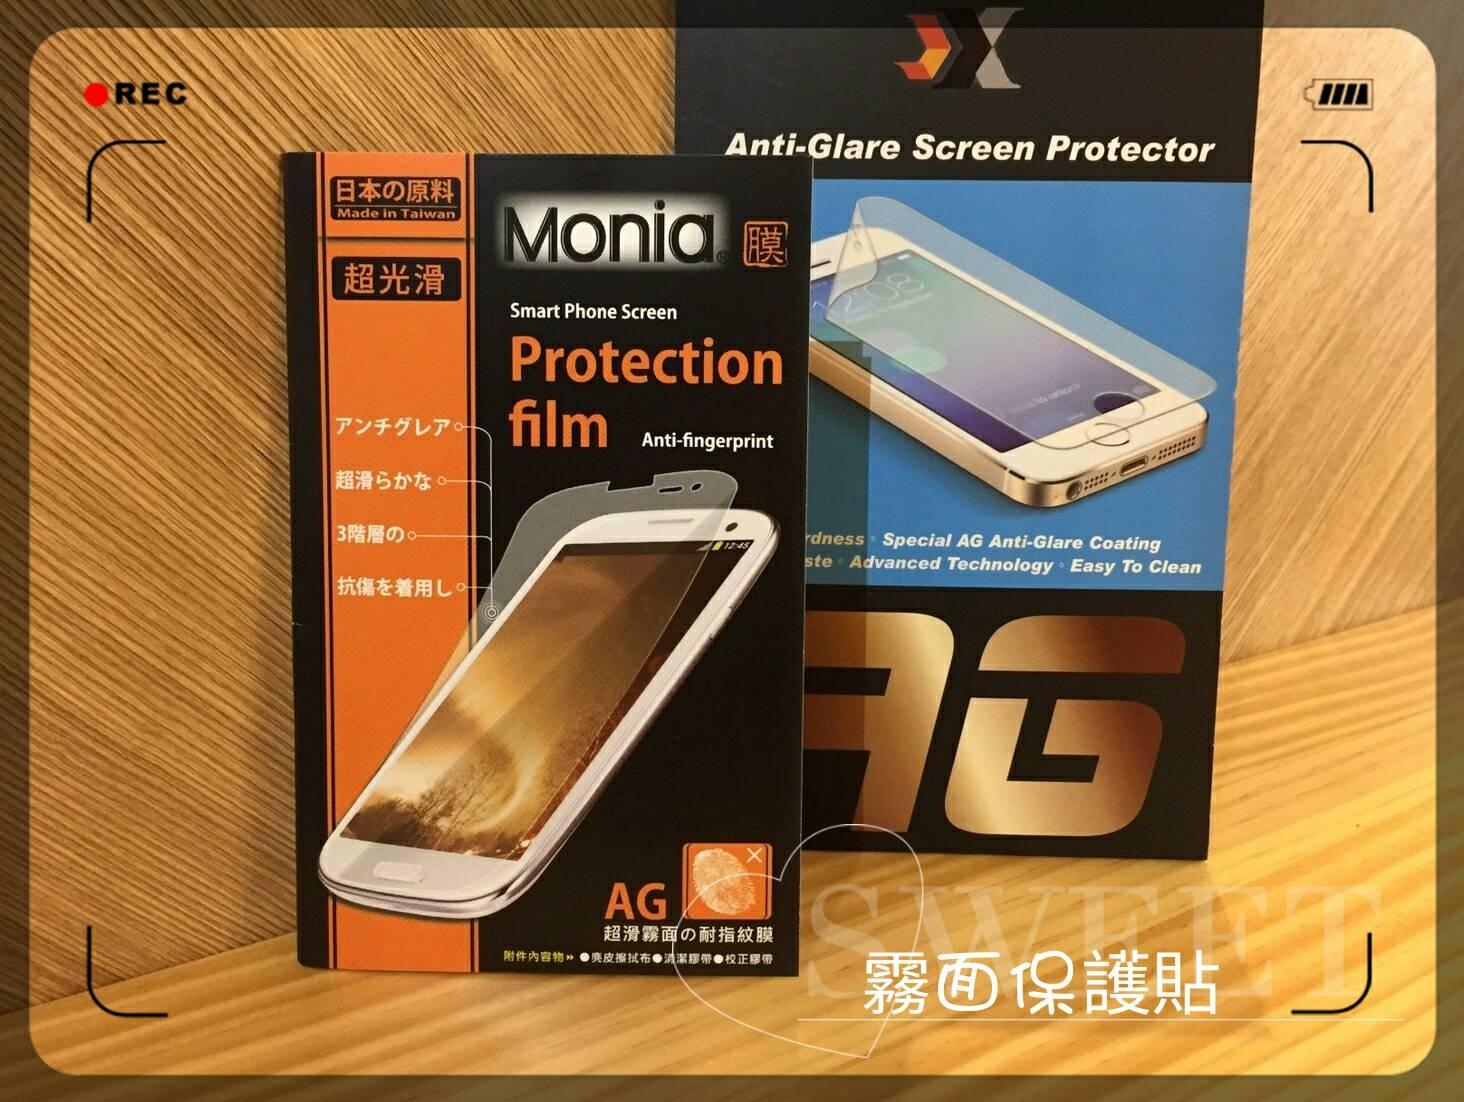 『霧面保護貼』LG X Power K220DSK 5.3吋 手機螢幕保護貼 防指紋 保護貼 保護膜 螢幕貼 霧面貼